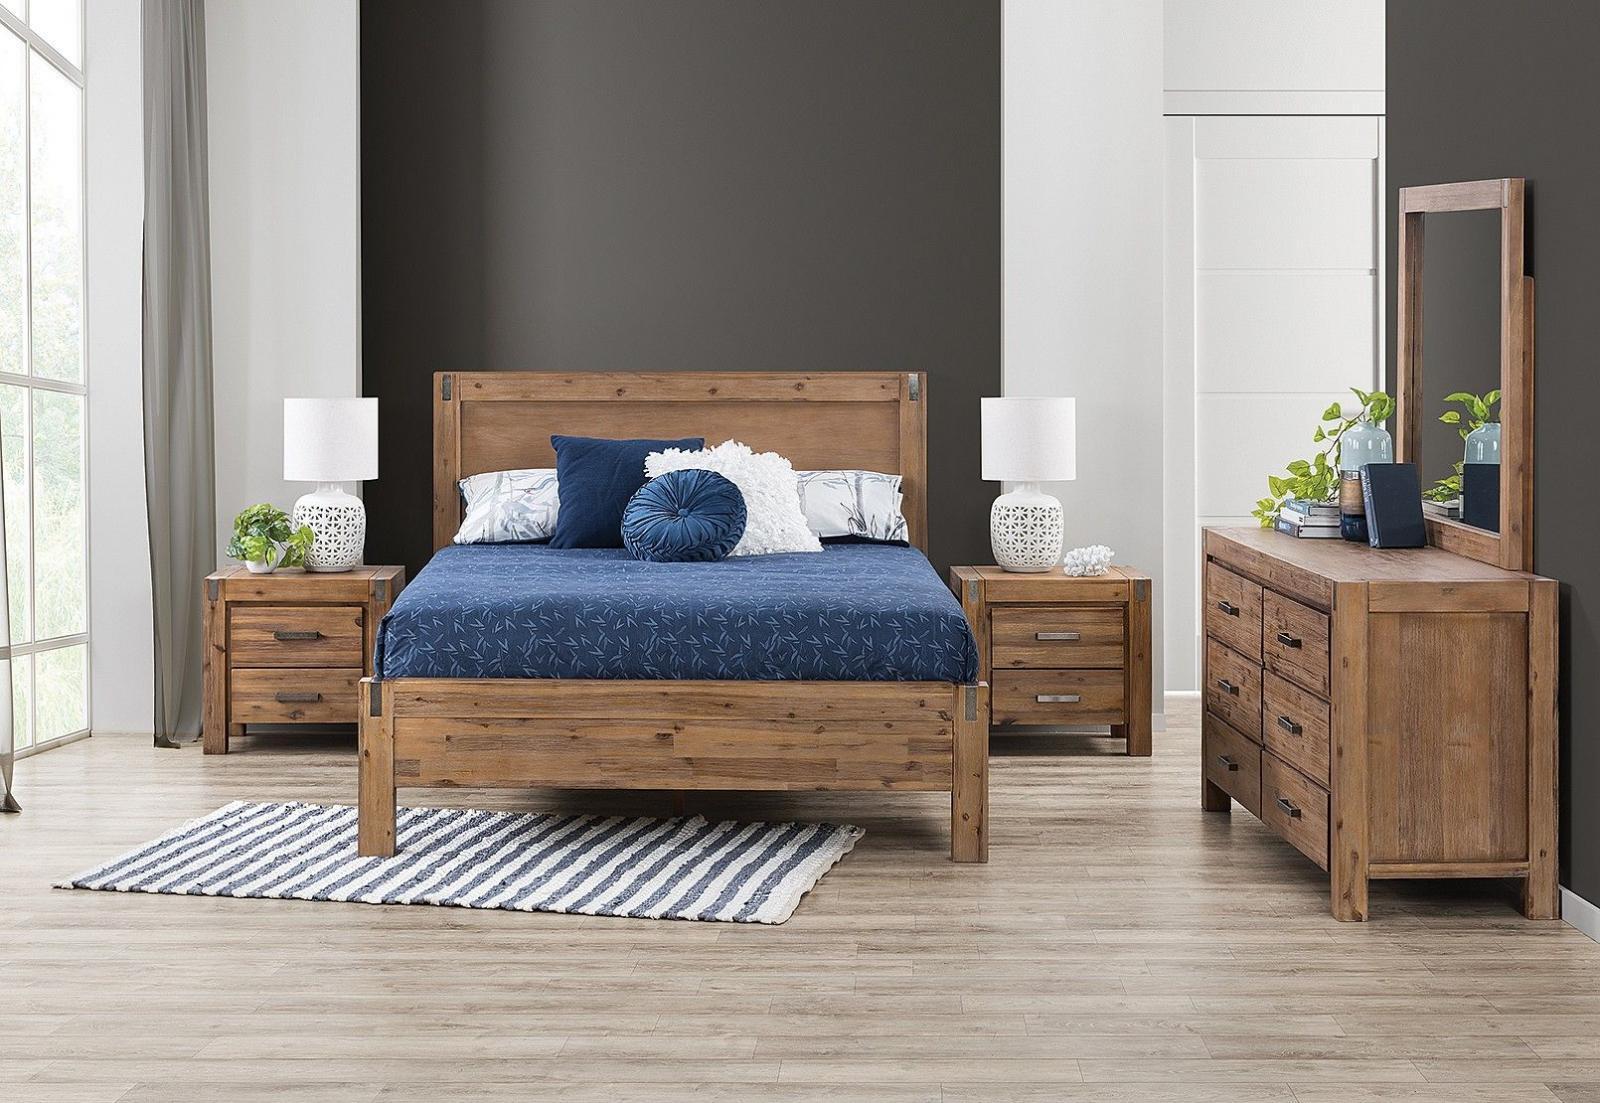 cách kê giường hợp phong thủy